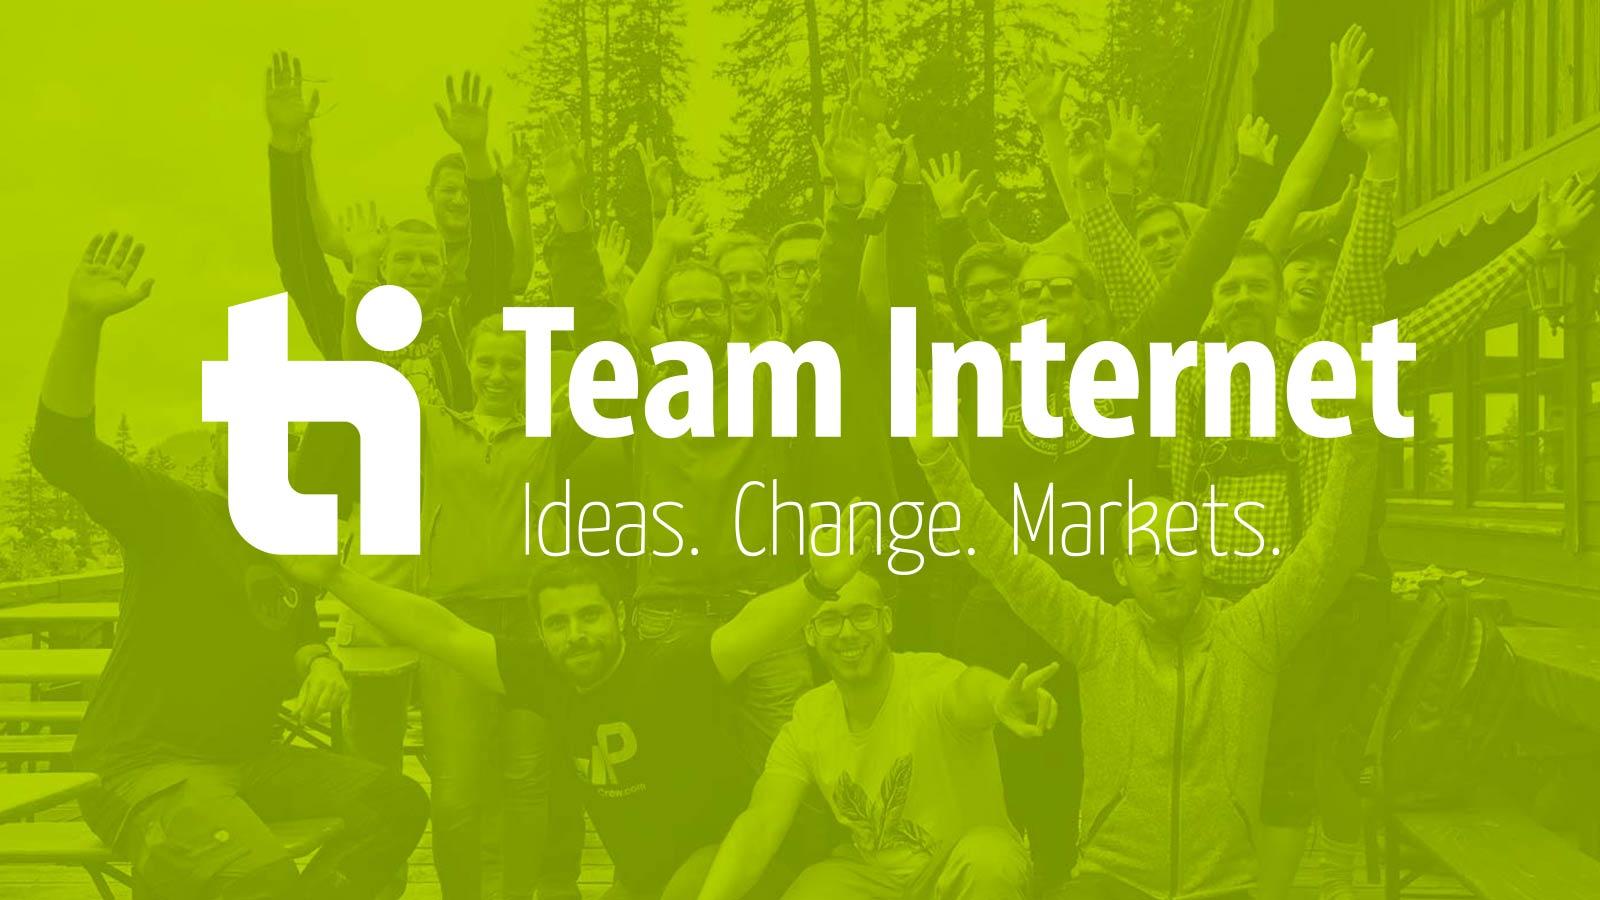 teaminternet.com